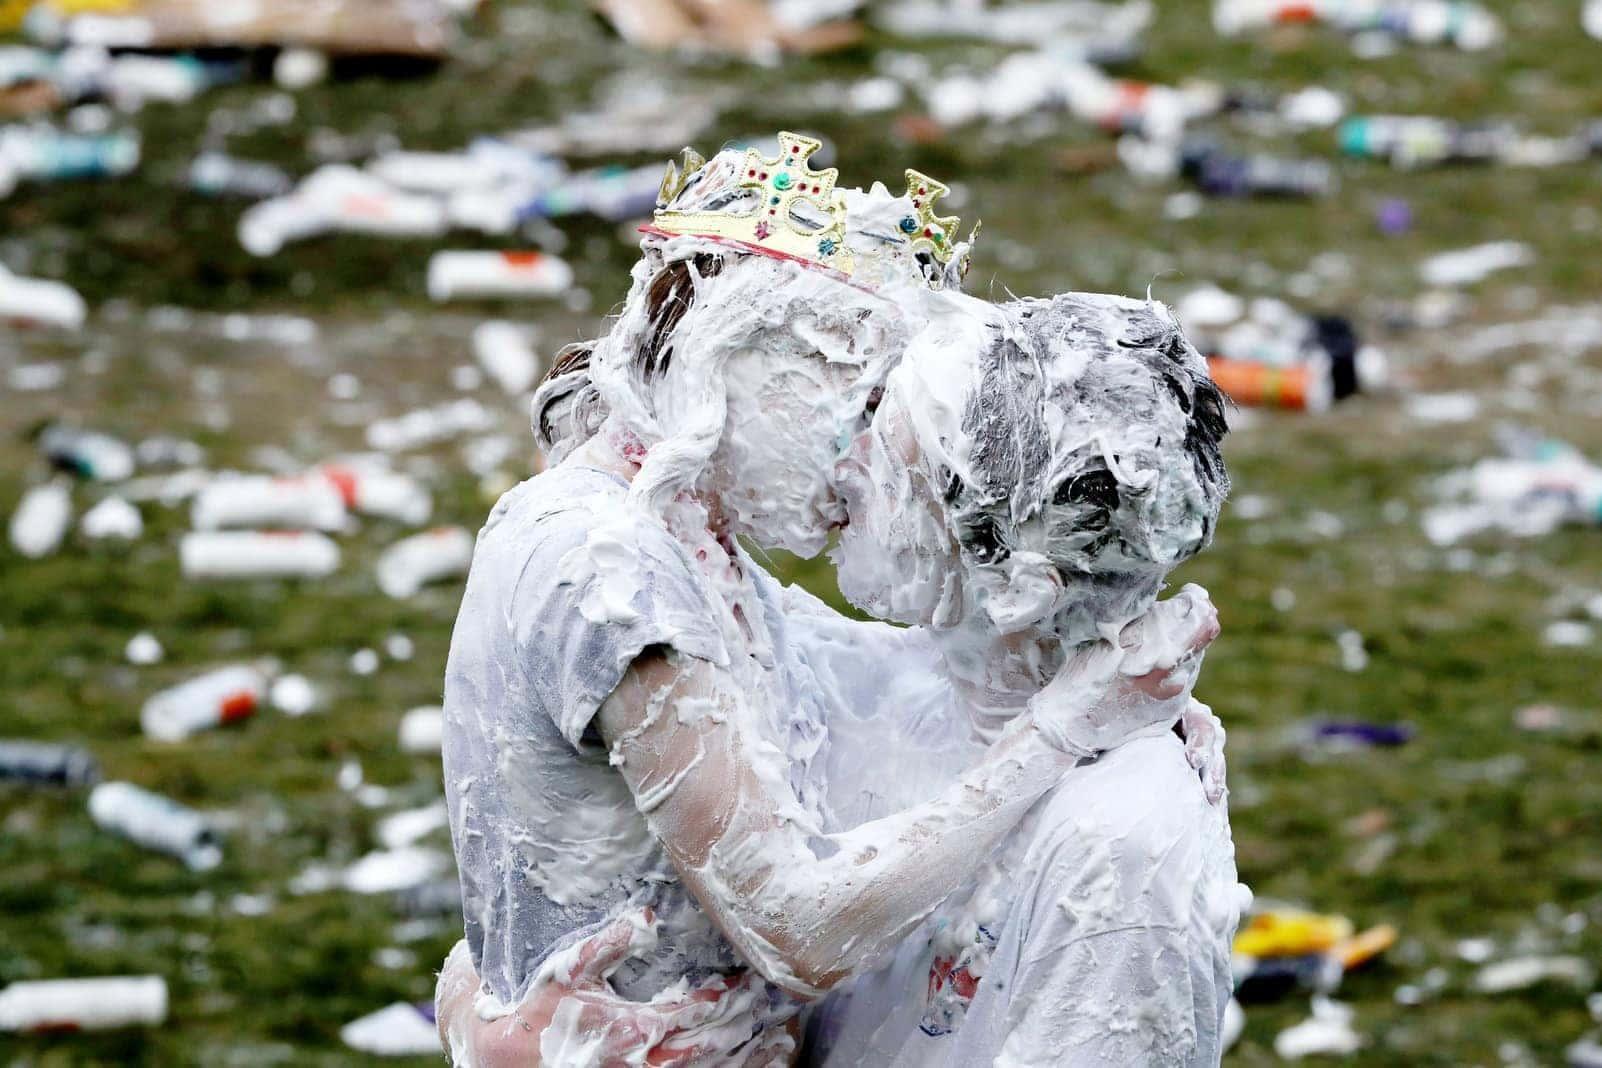 St. Andrews schaumverschmierte Studenten Party Rasierschaum